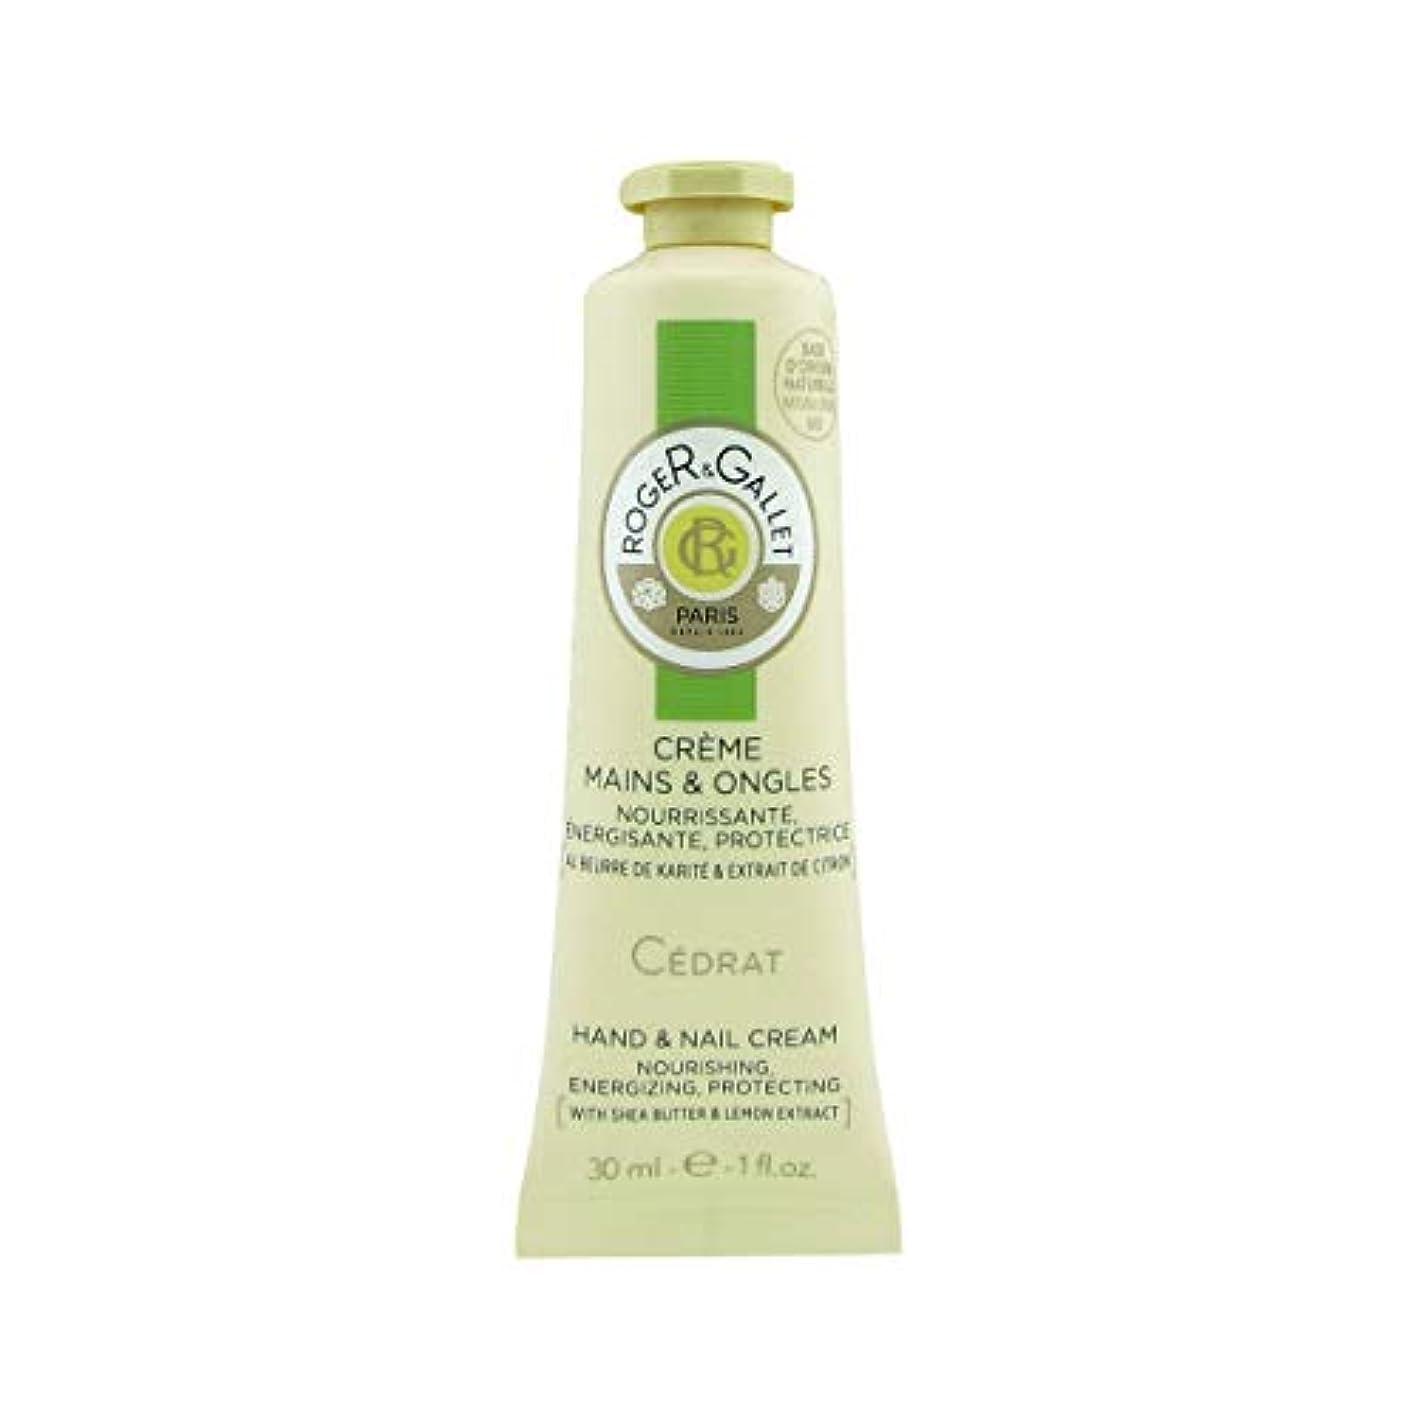 誰でもうぬぼれイソギンチャクロジェガレ Cedrat (Citron) Hand & Nail Cream 30ml/1oz並行輸入品